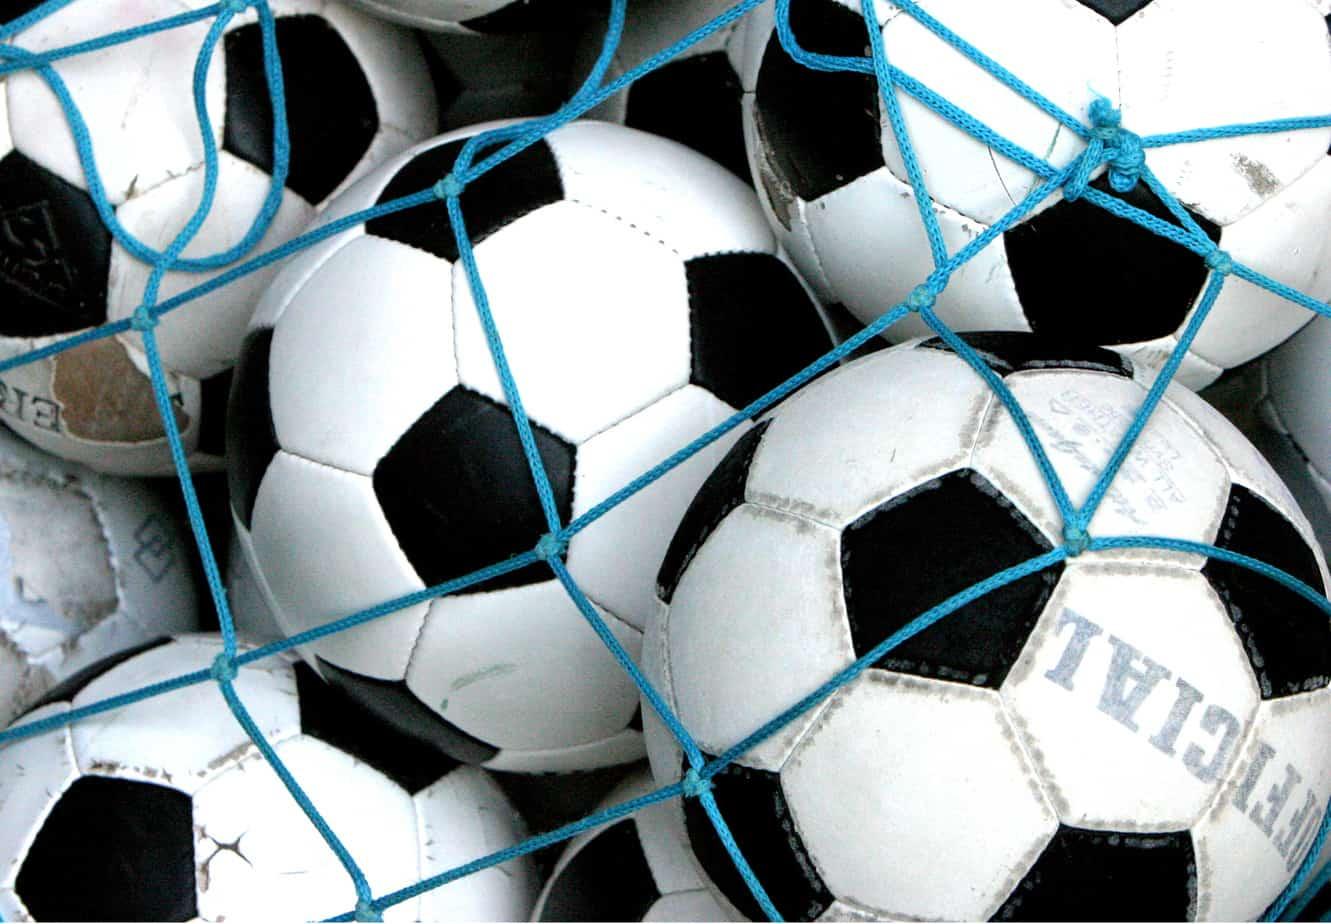 Fussbälle, weltweite die Fußballbundesliga gucken